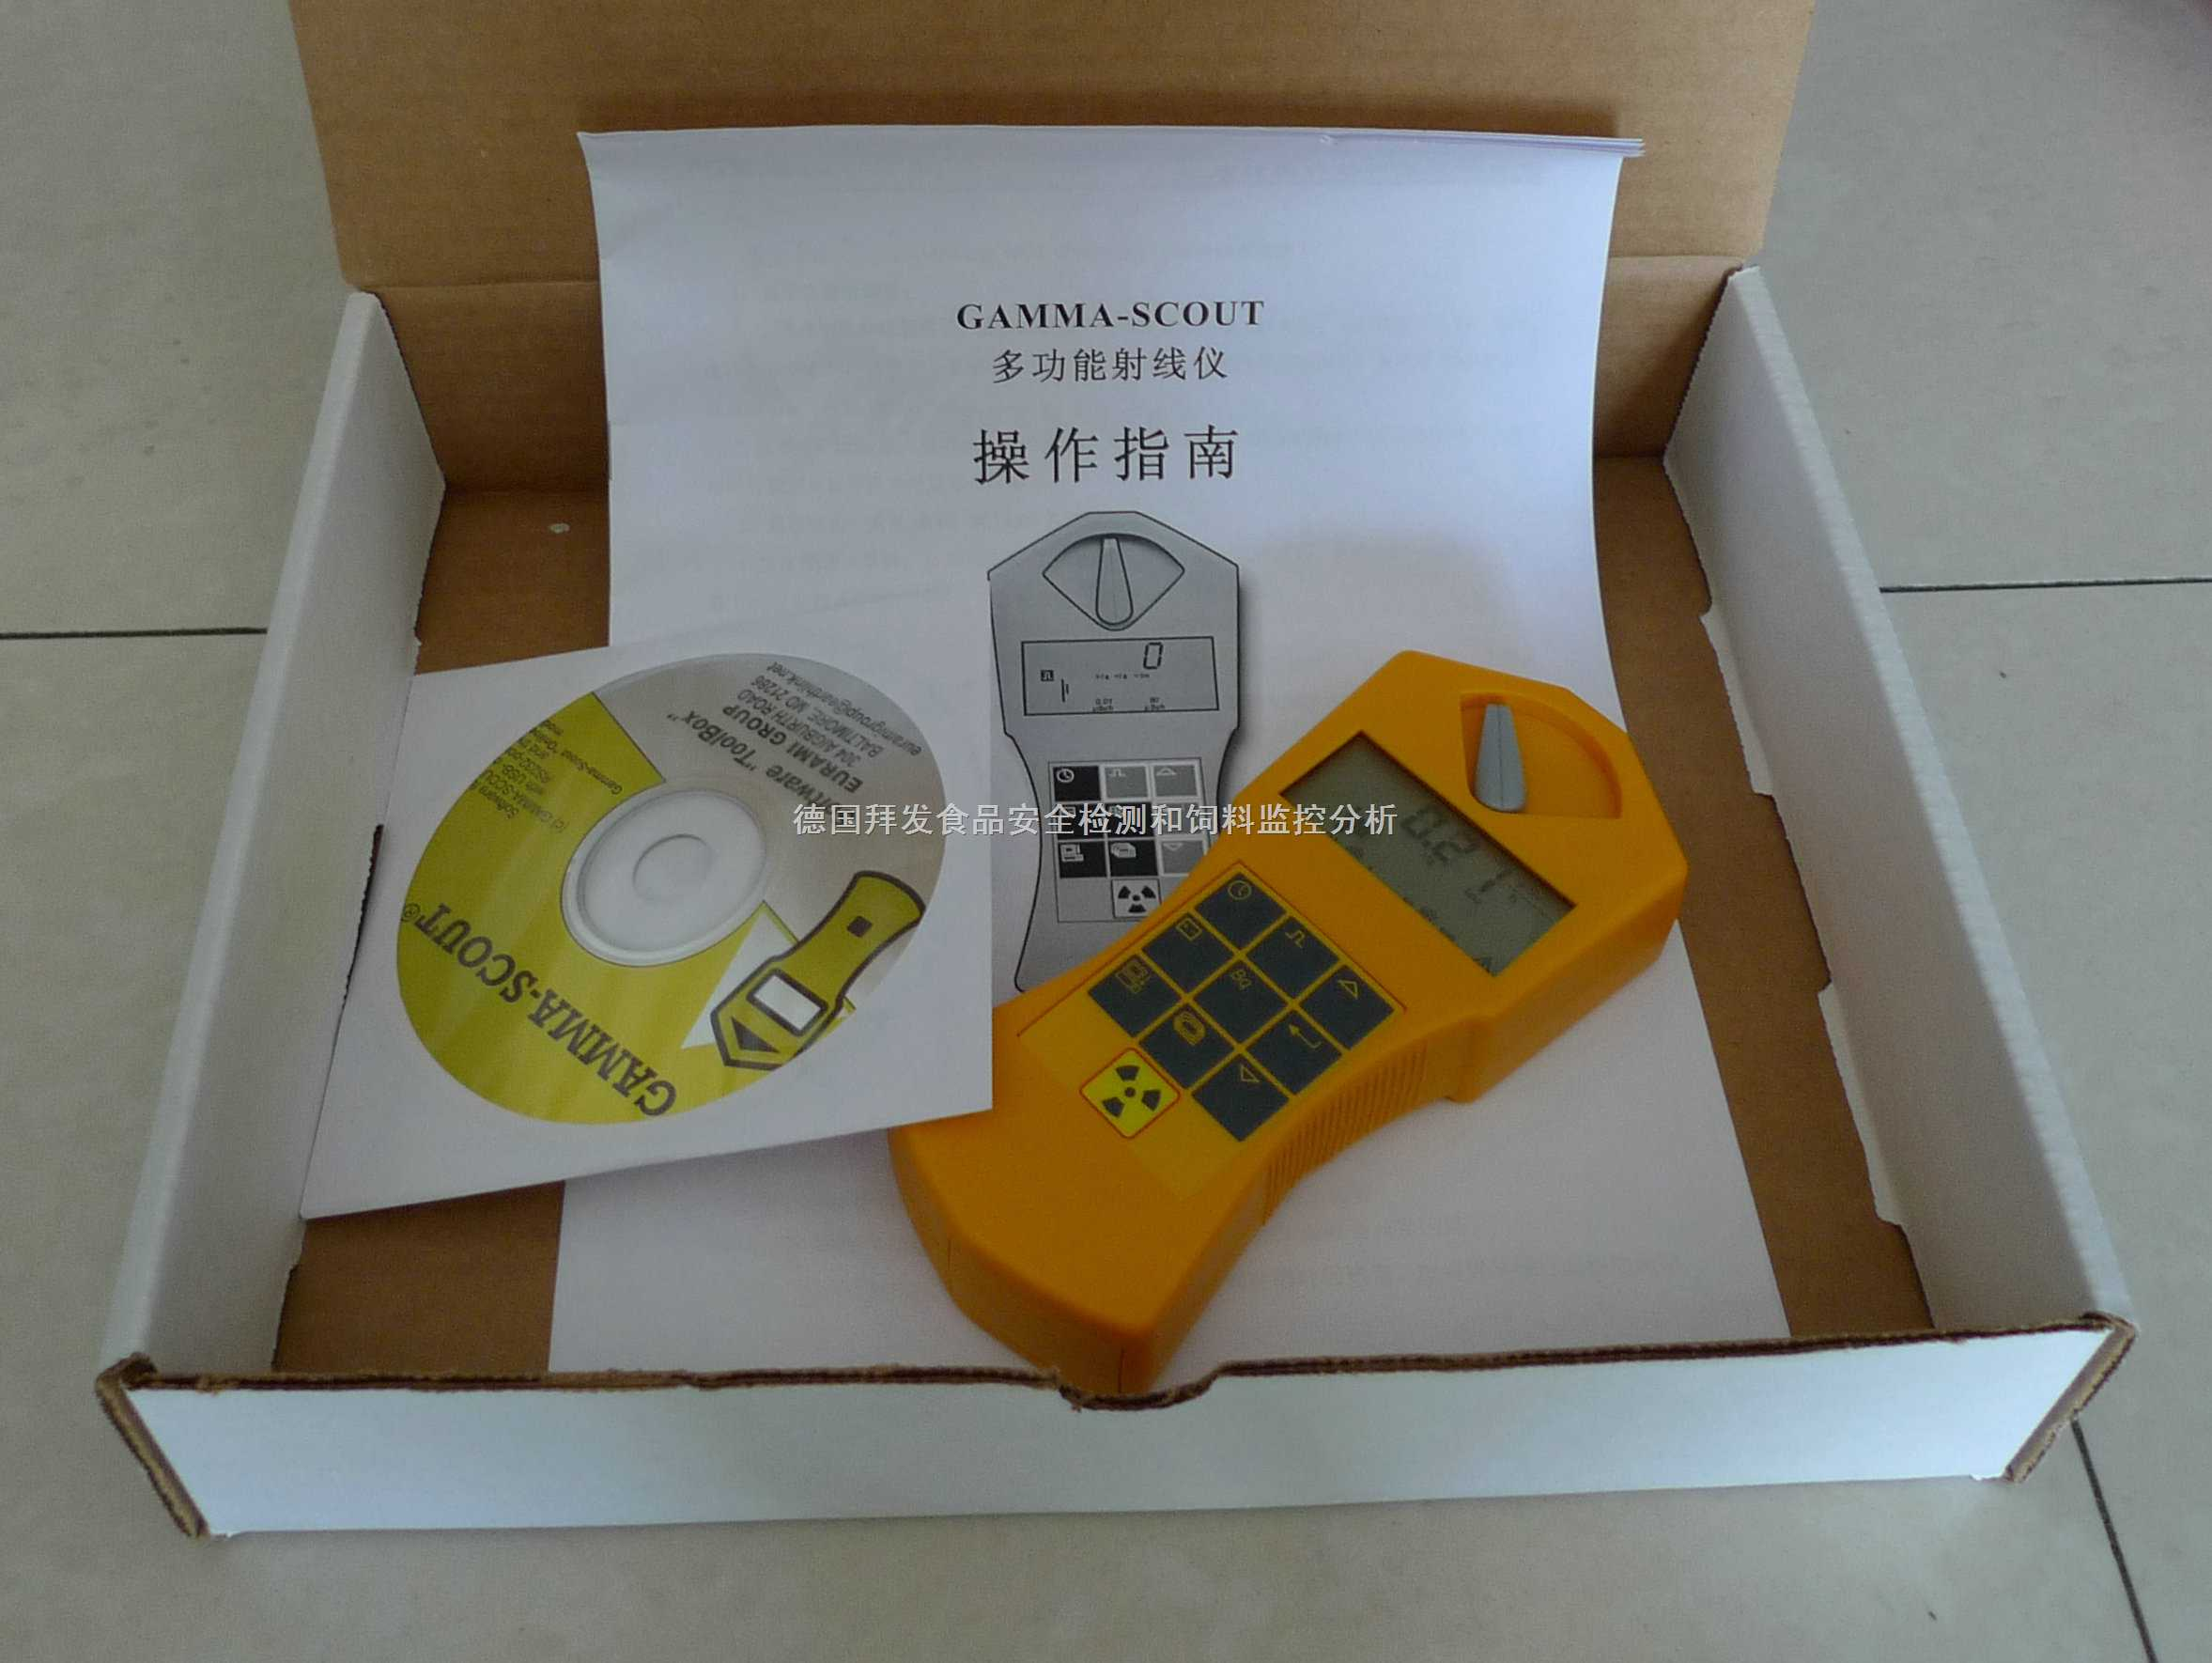 德国GAMMA-SCOUT盖革计数器/核辐射仪